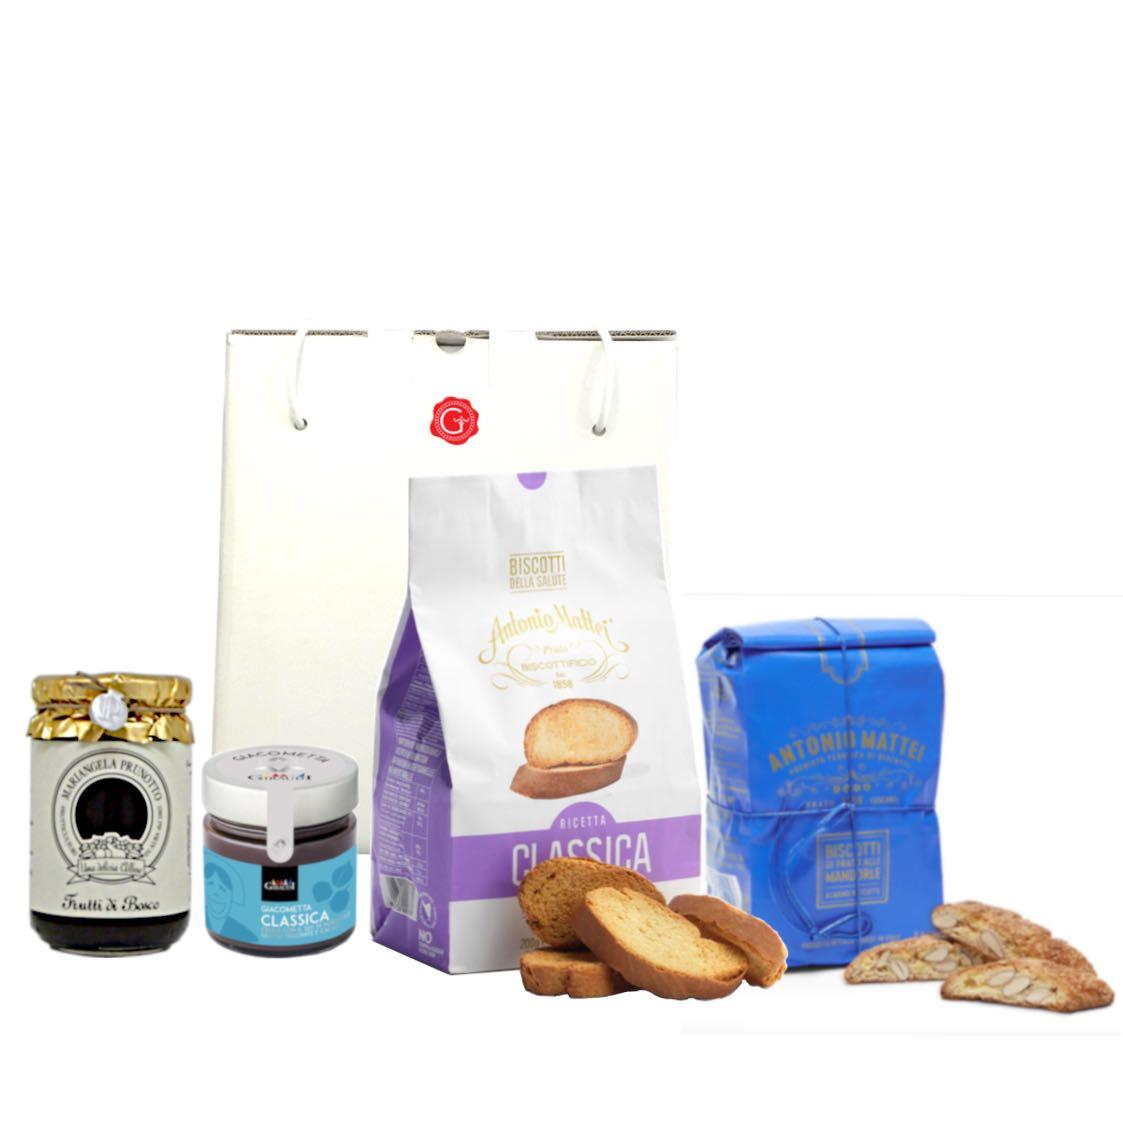 confezione regalo classico gianduia – Gustorotondo – buono sano artigiano – spesa online